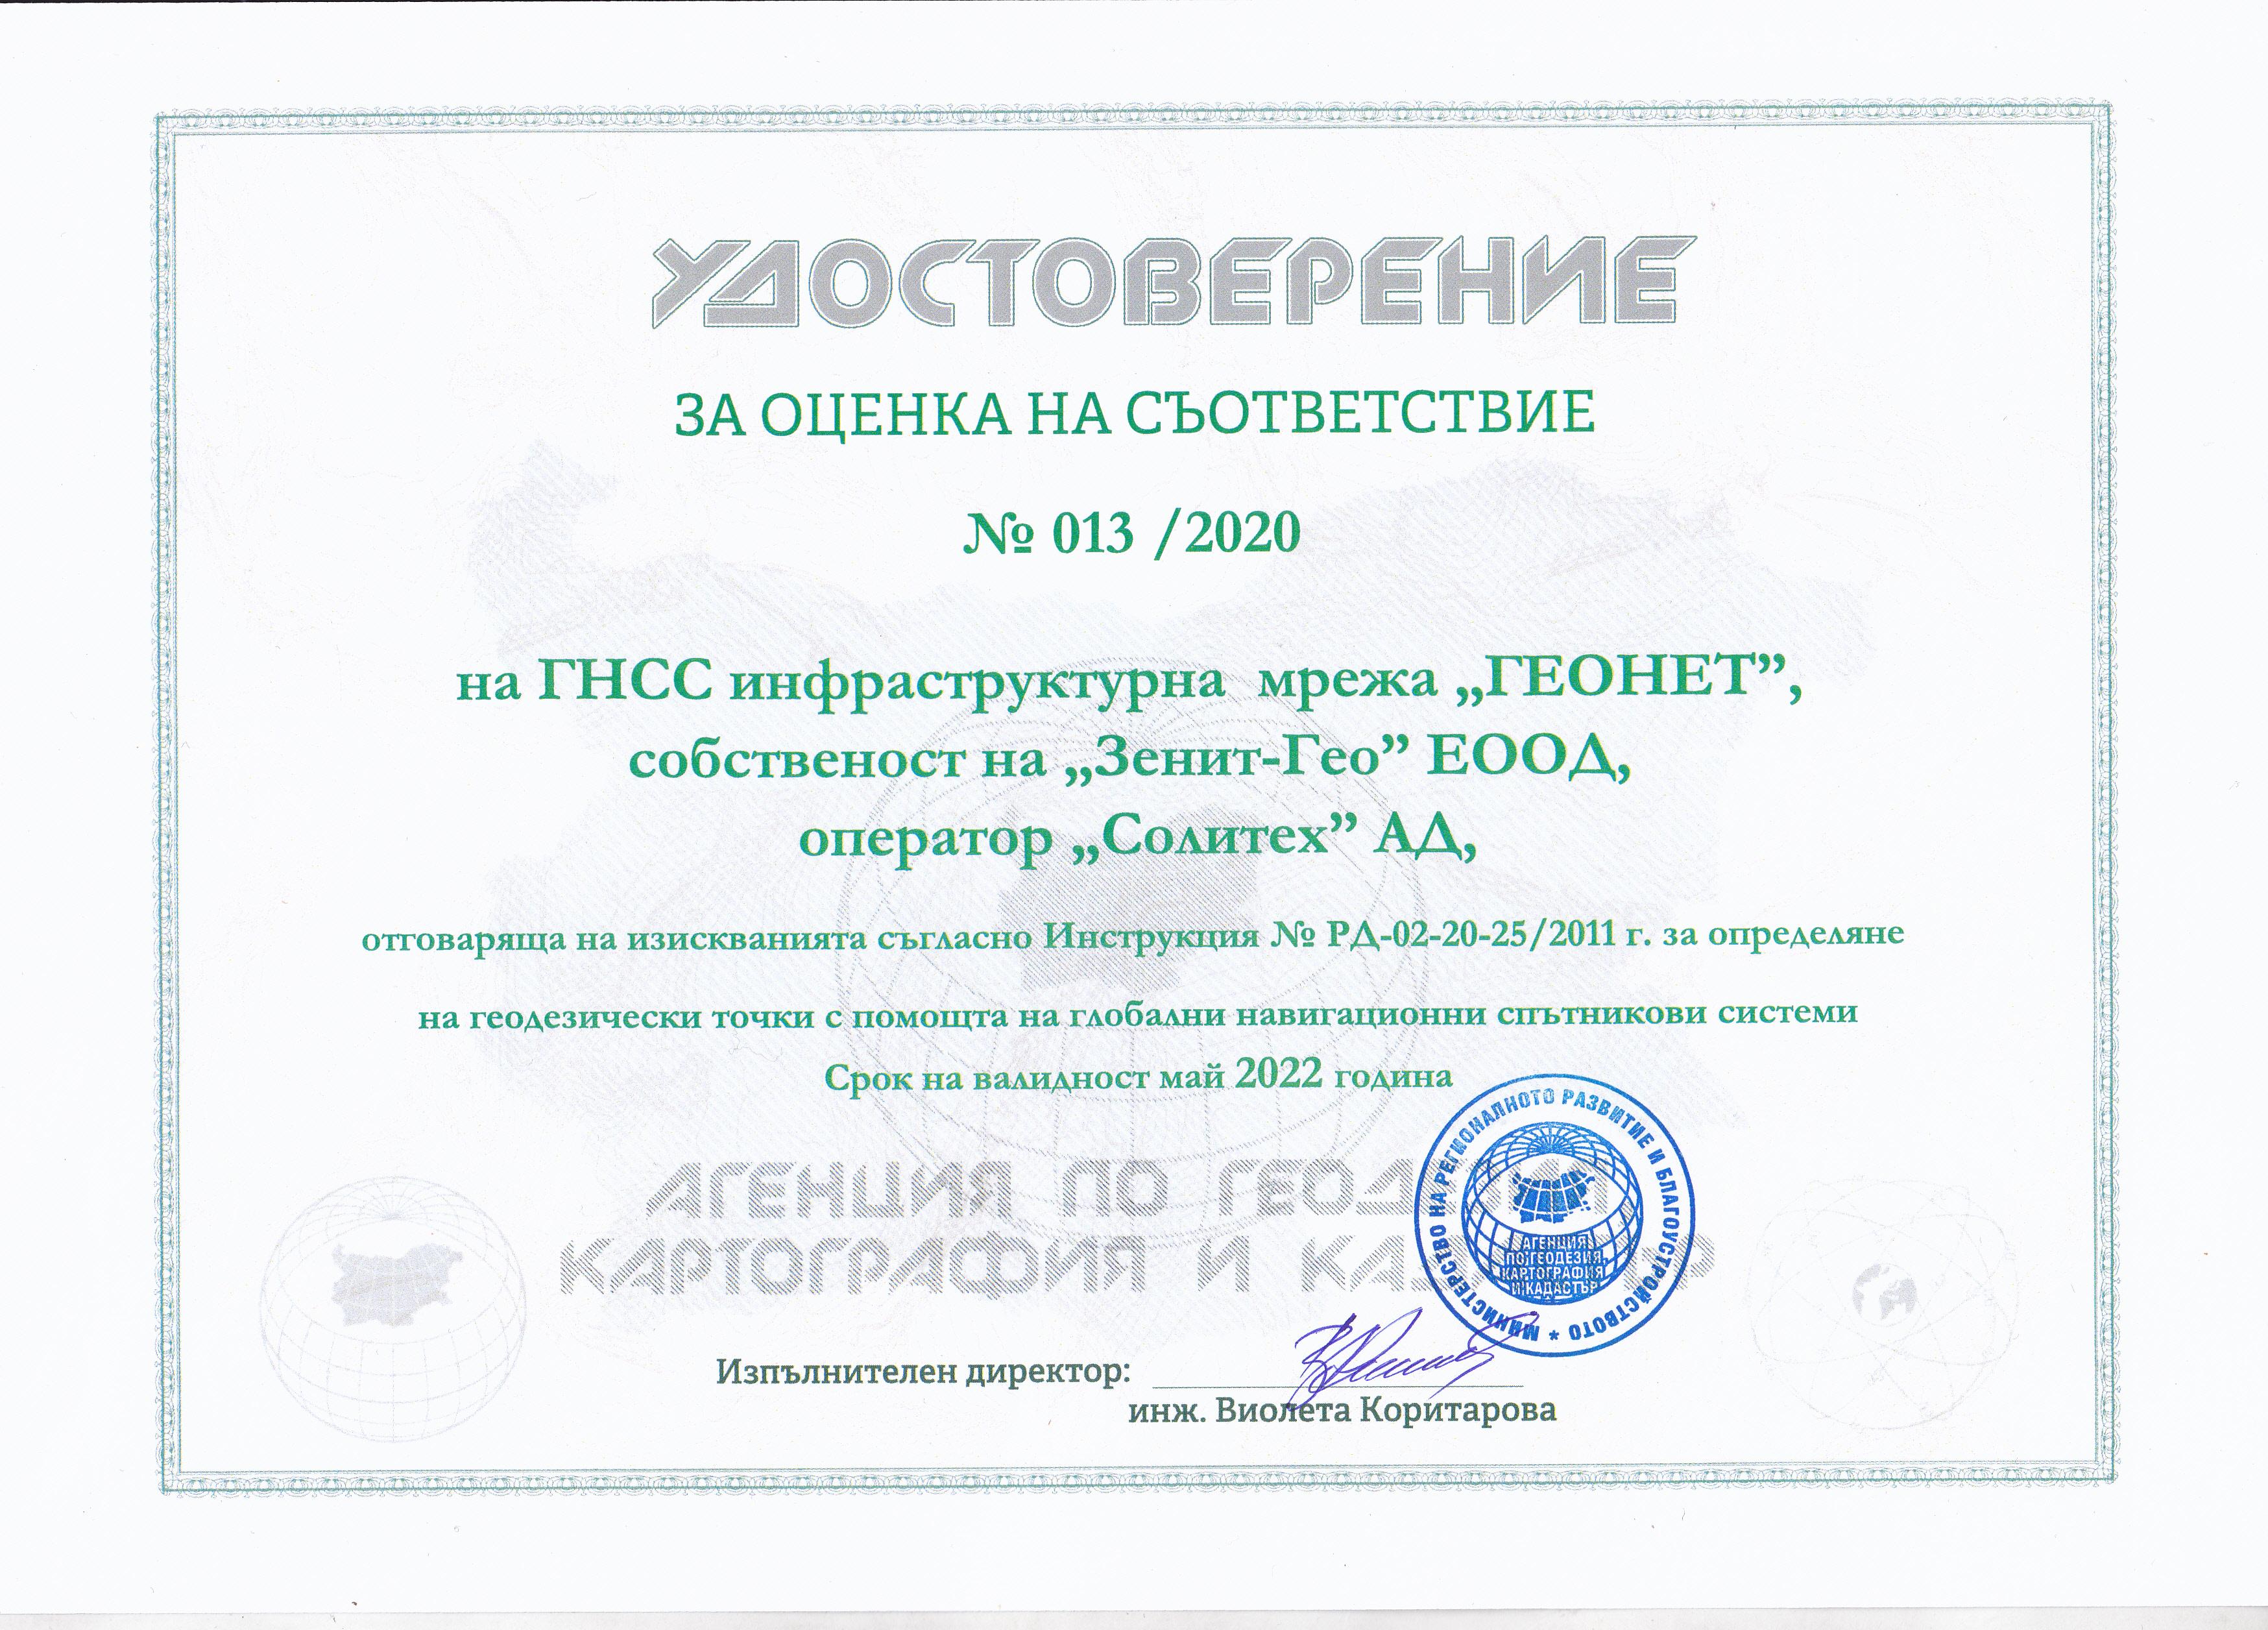 Удостоверение за съответствие ГеоНЕТ